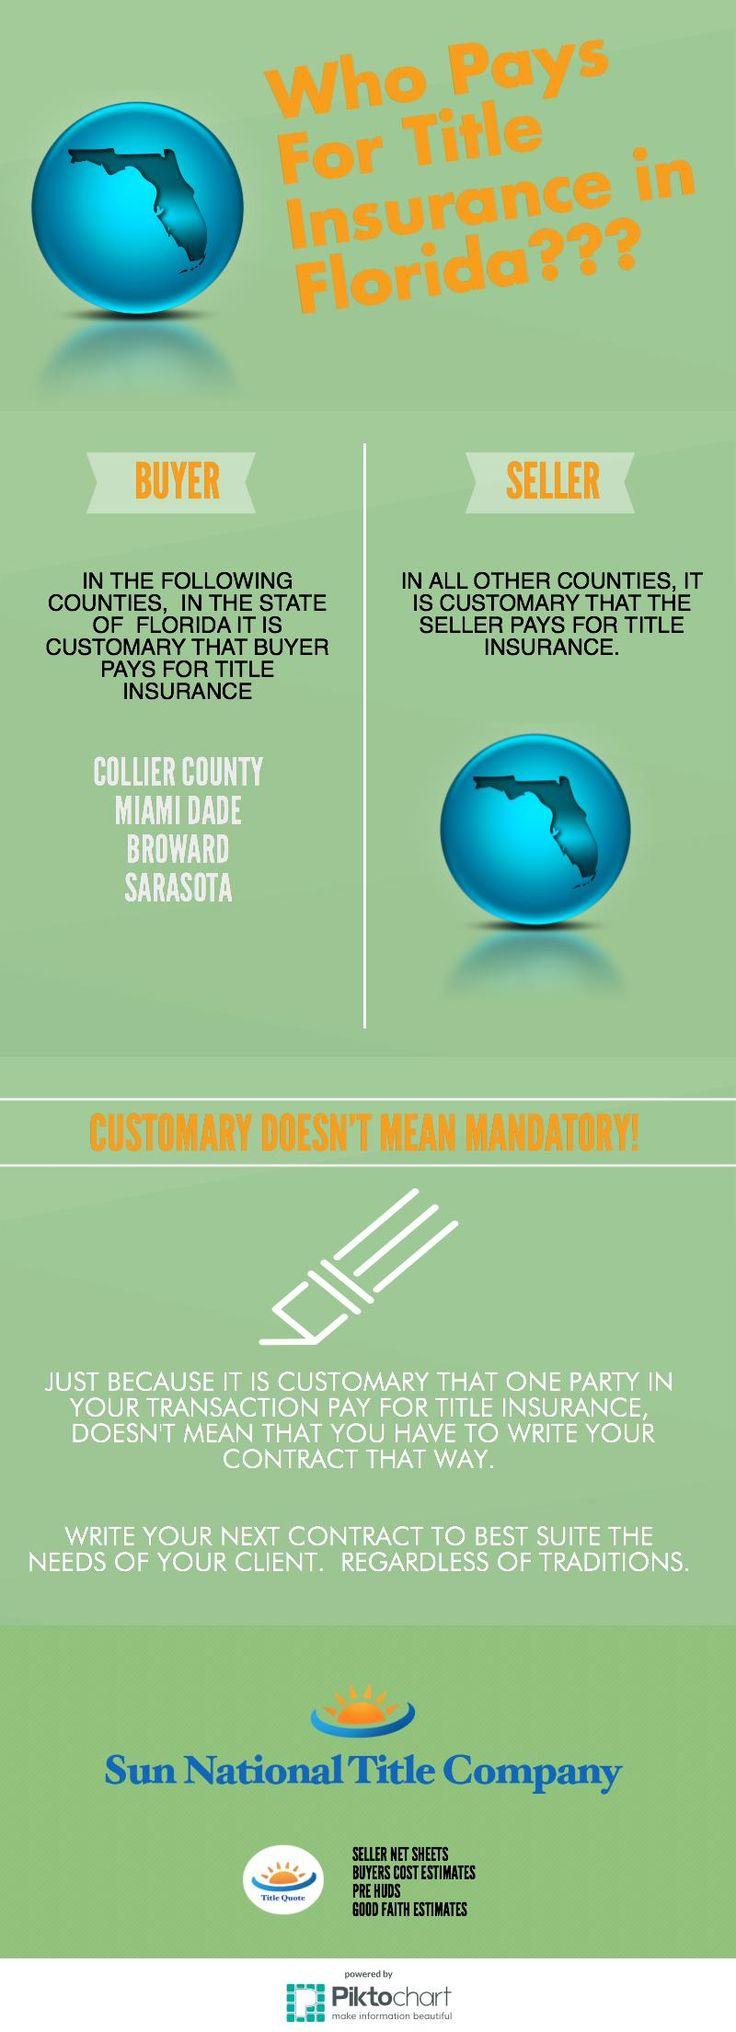 Cape Coral Title Insurance Company